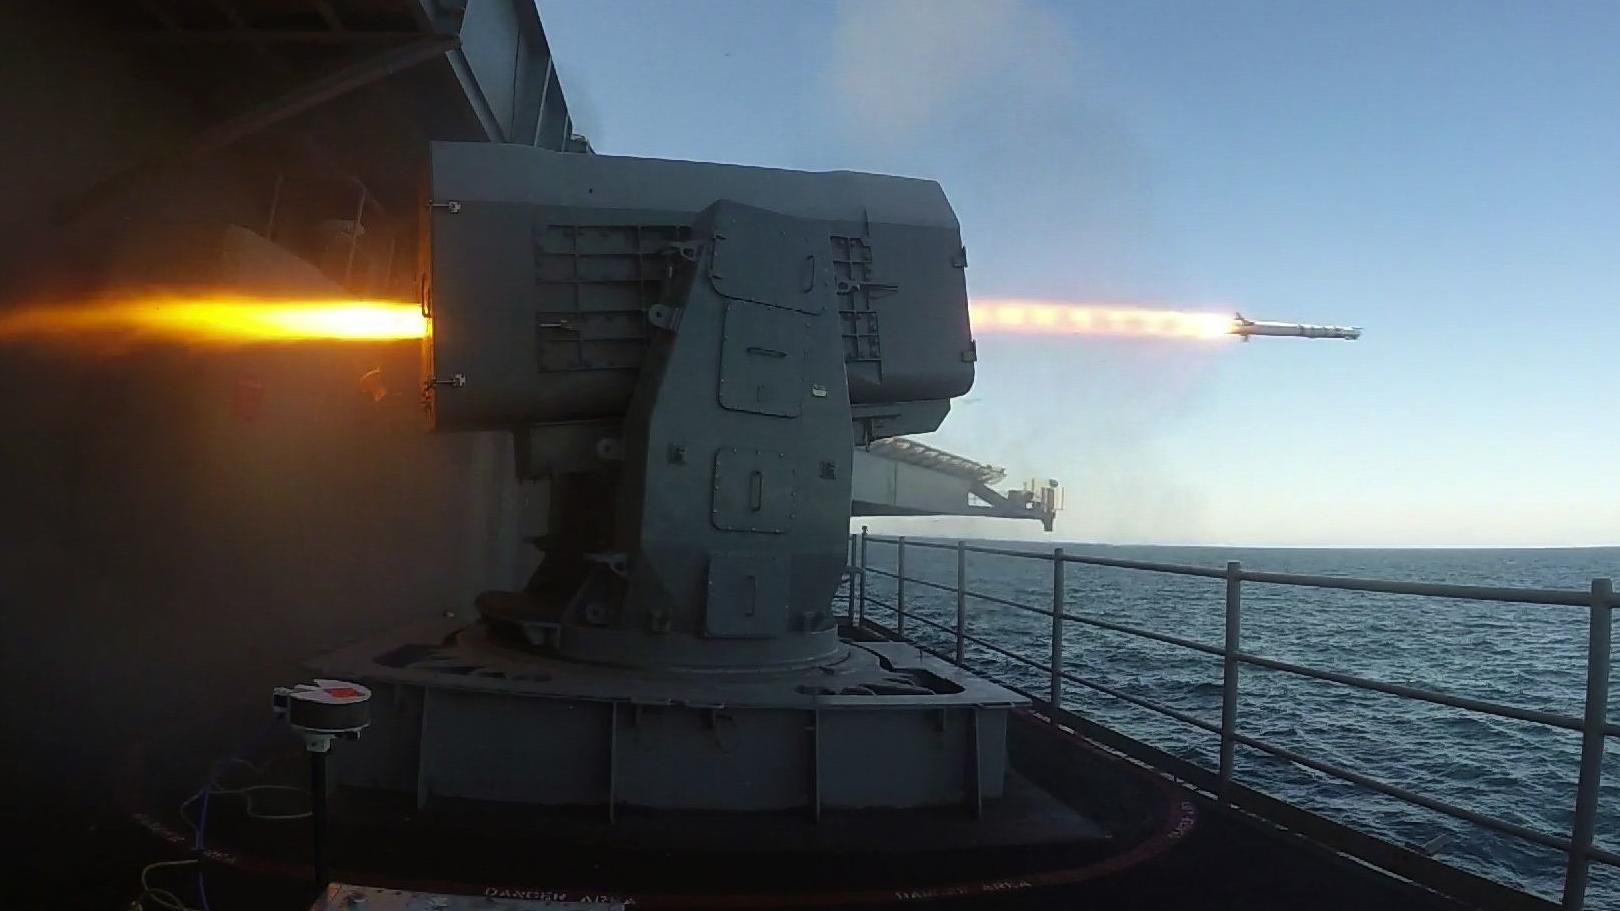 Das Waffensystem Rolling Airframe Missile wird abgefeuert